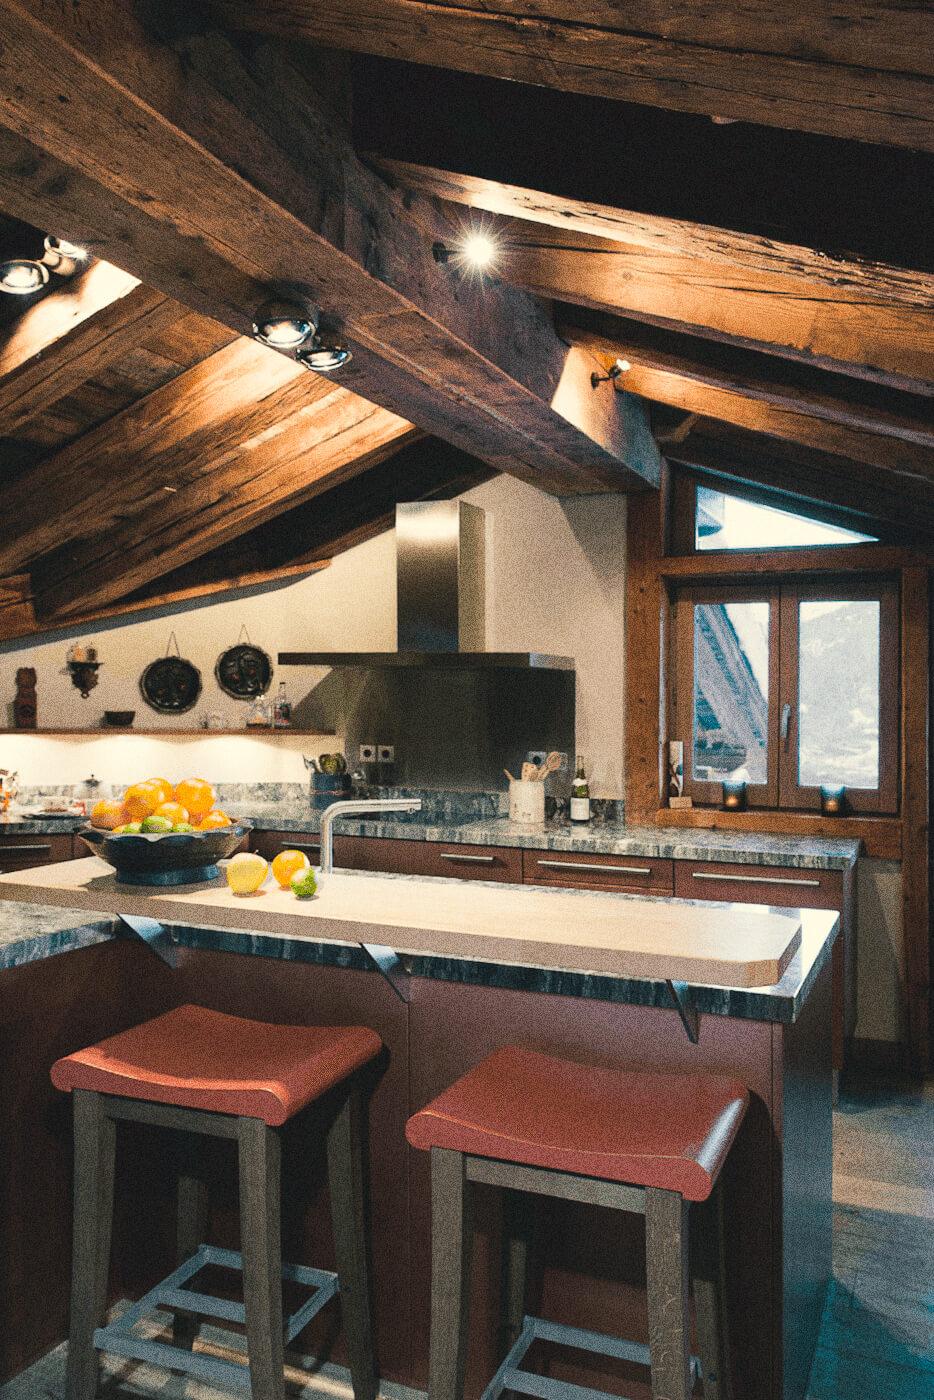 bumper-chalet-alpes-courchevel-savoie-montanum-1550-1850-achat-vente-propriété-luxe-montagne-ski-france-3.jpg